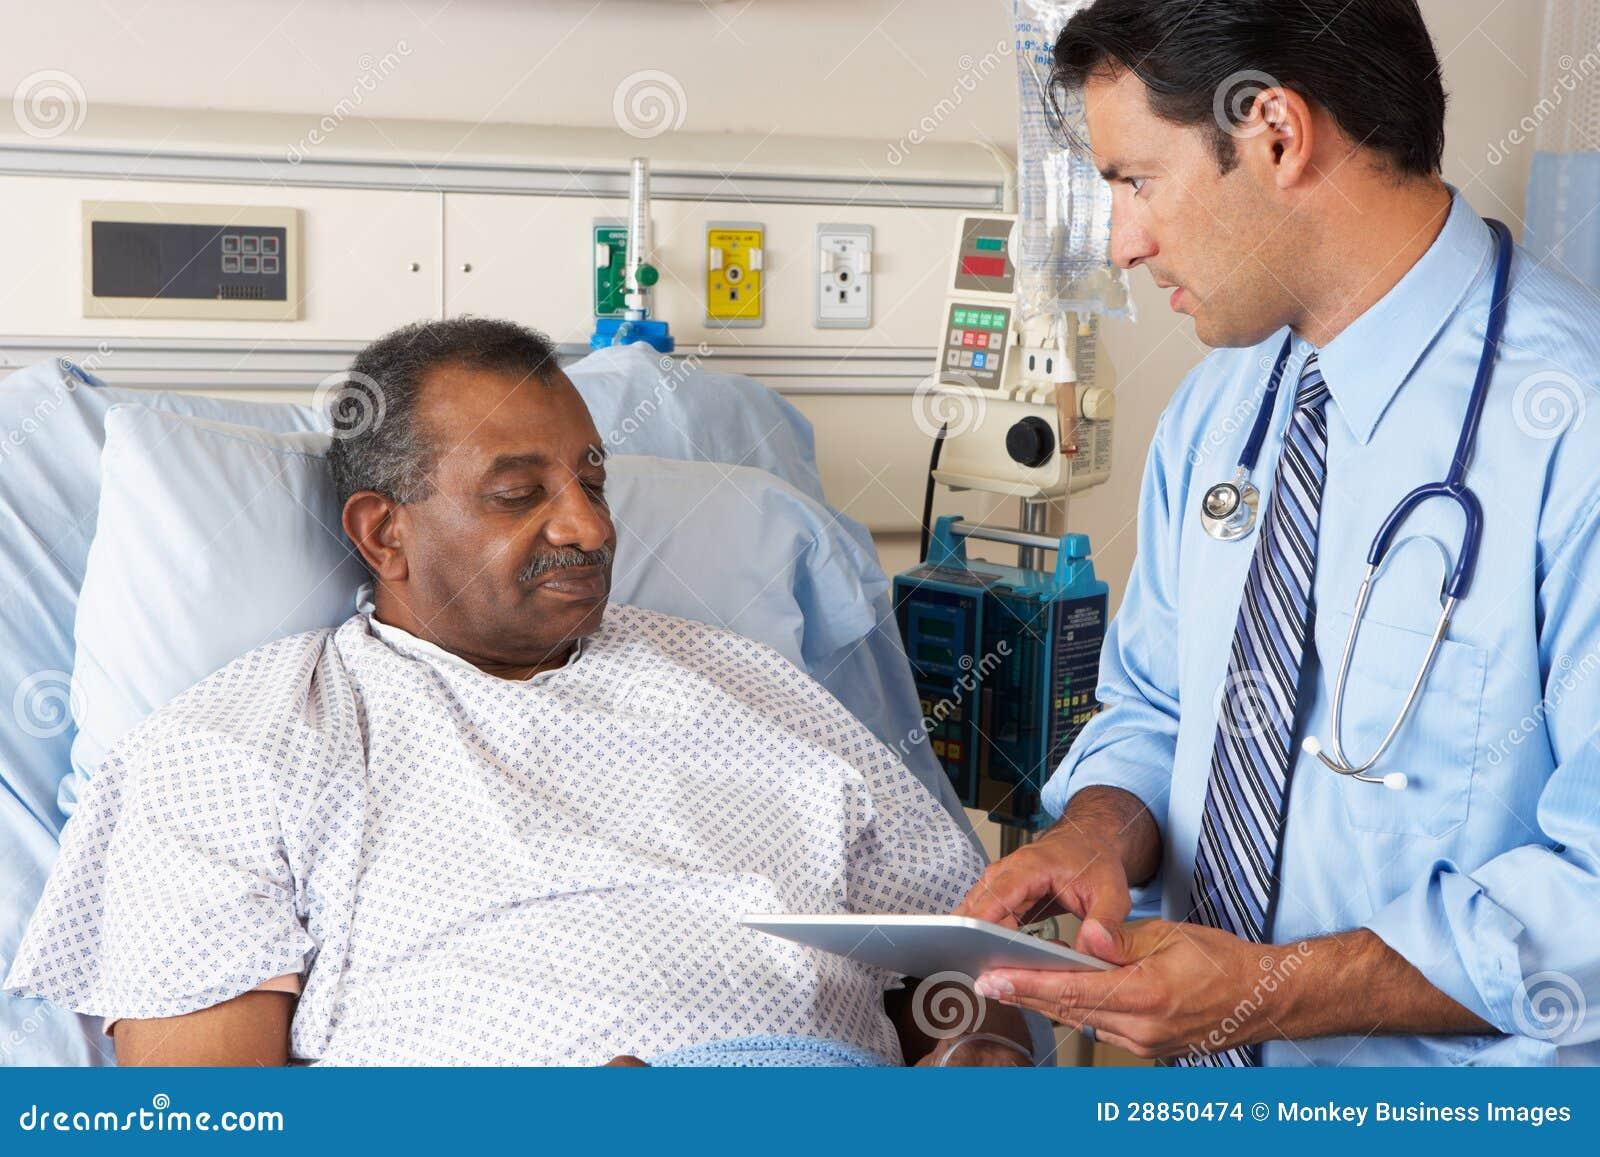 El doctor Using Digital Tablet en consulta con paciente